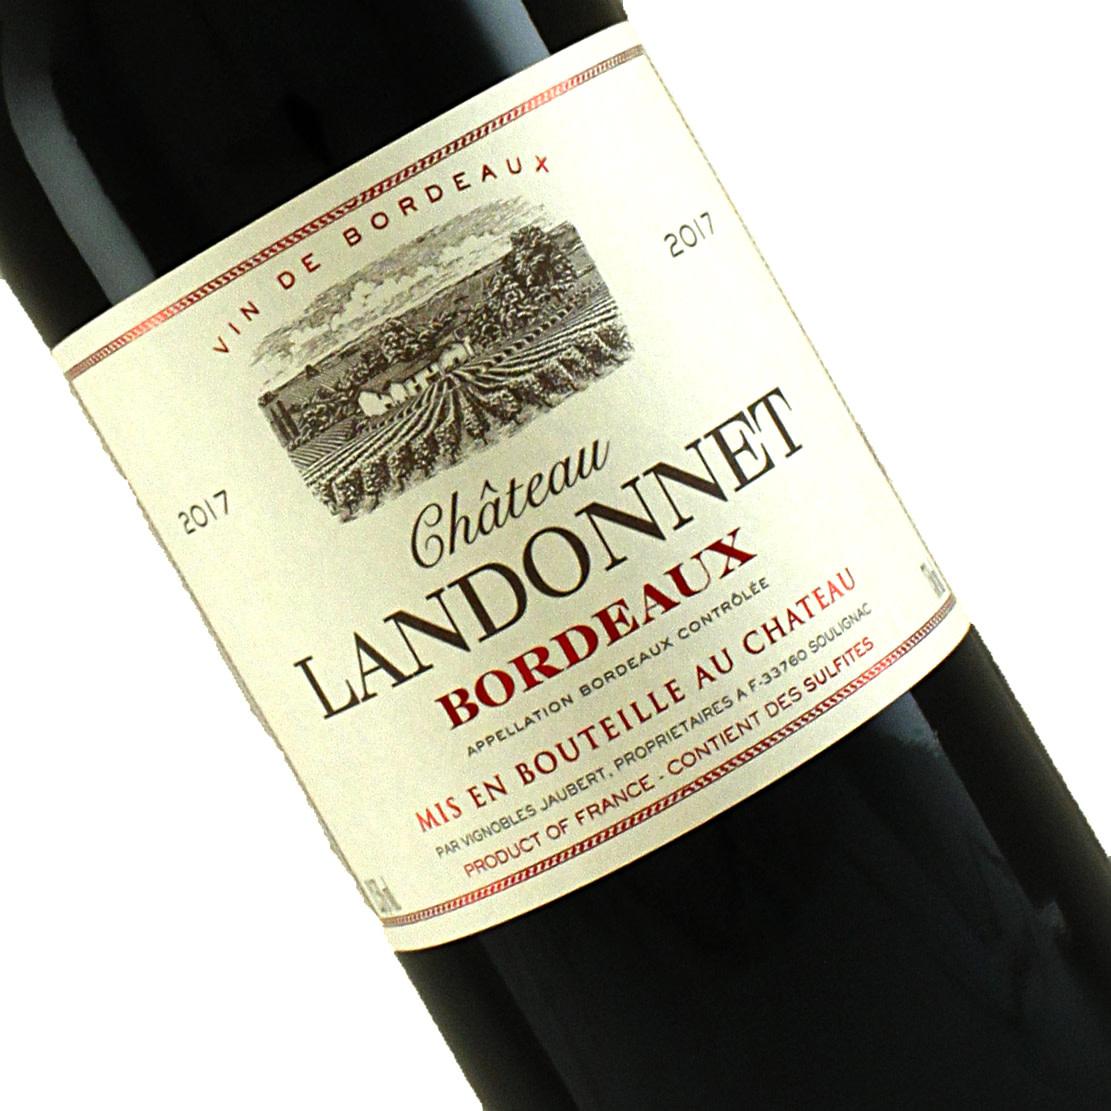 Landonnet 2017 Bordeaux Rouge